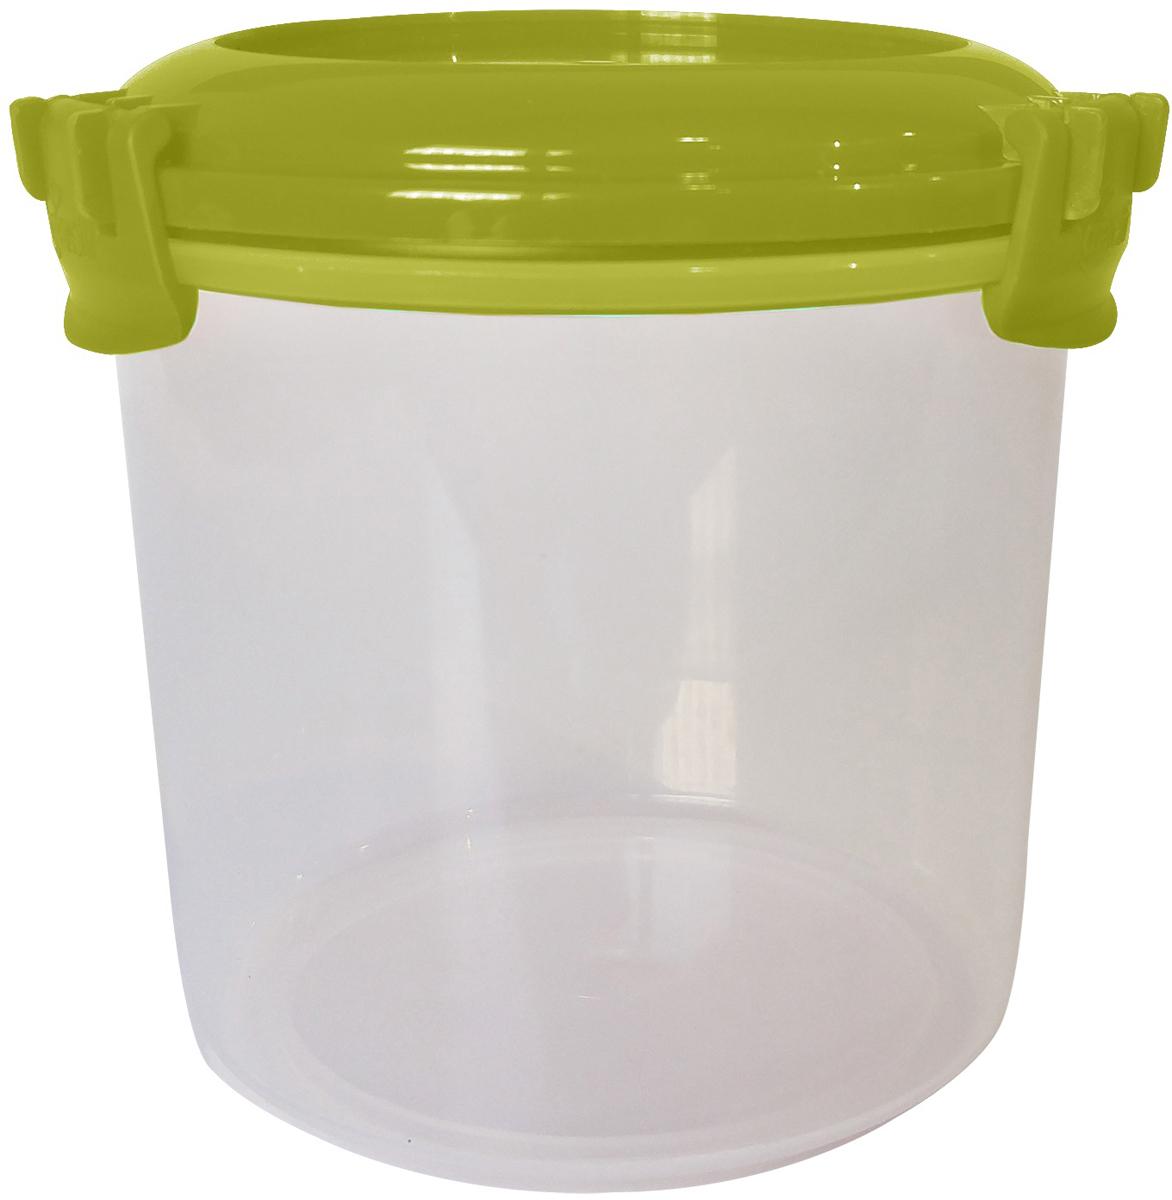 Емкость для продуктов Giaretti Fresco, цвет: оливковая роща, 0,7 л емкость для продуктов giaretti цвет оливковая роща 1 35 л